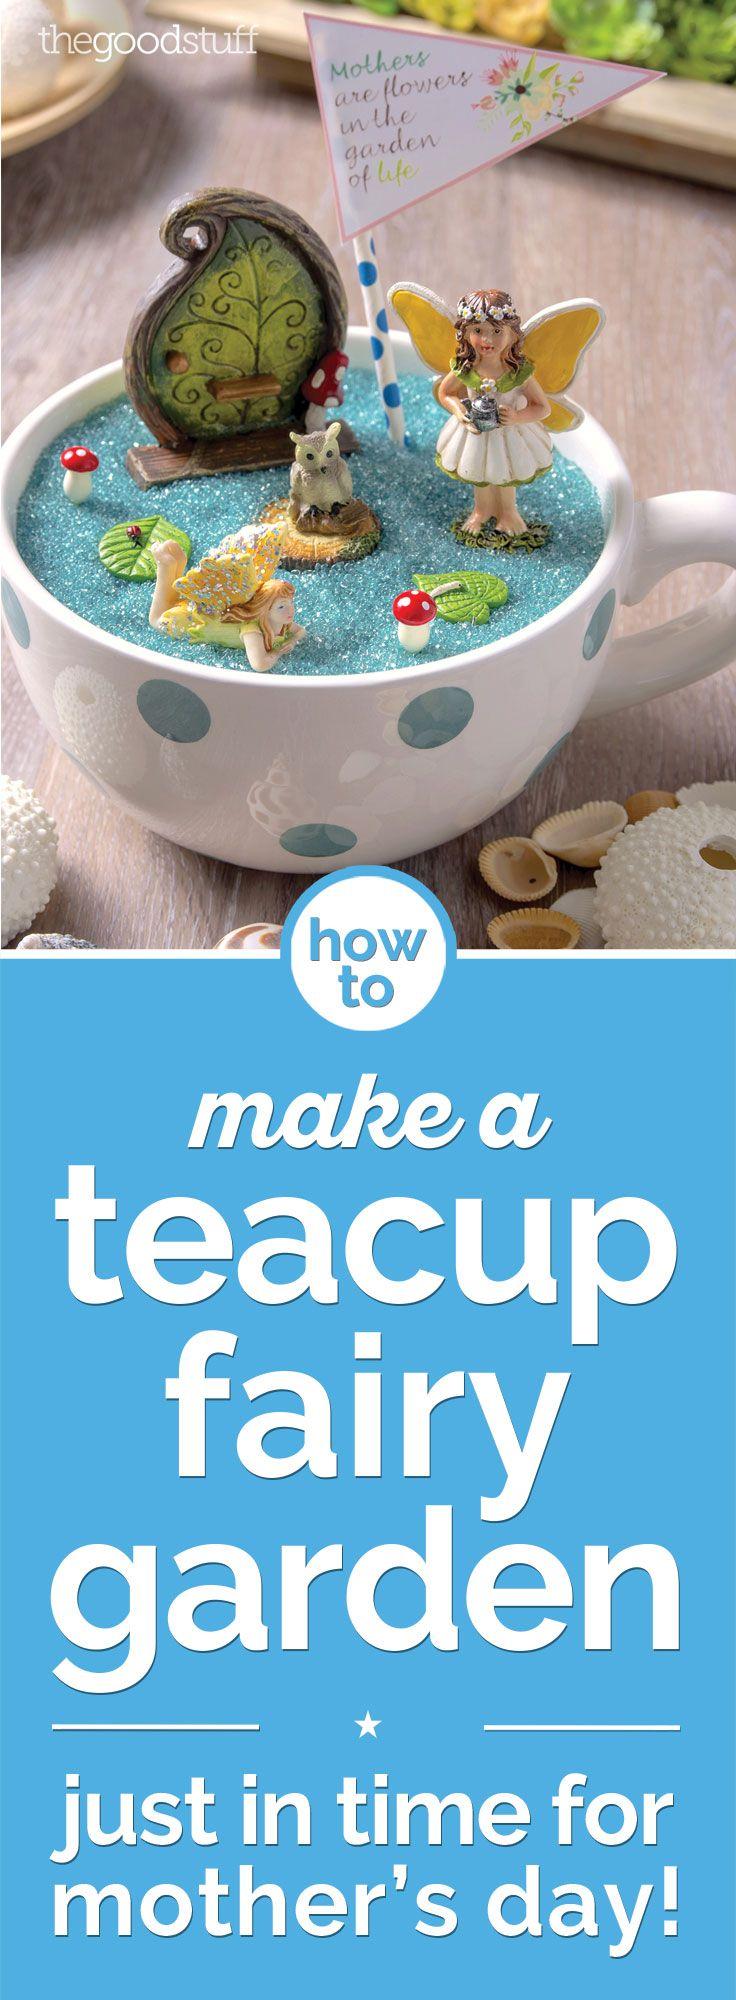 How To Make A Fairy Garden In A Teacup Coupons Com Fairy Garden Tea Cups Fun Crafts